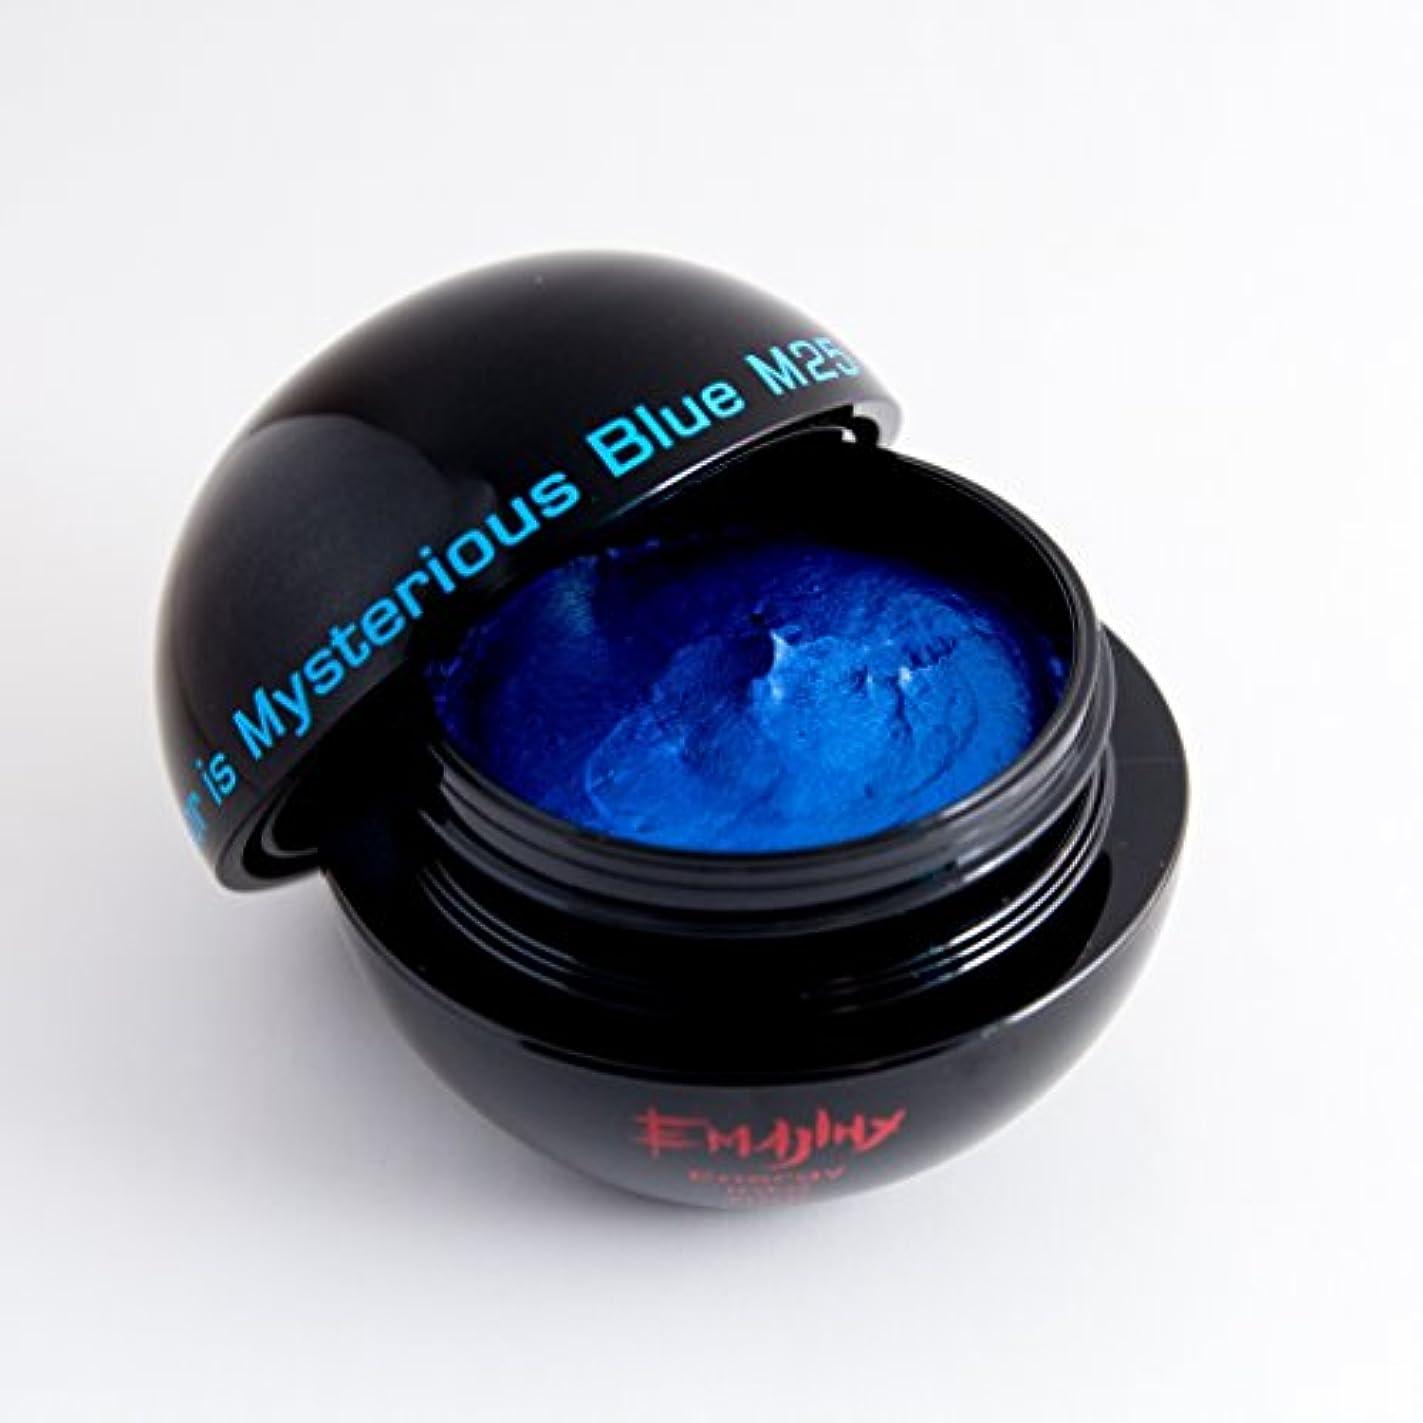 確かな上下する不安定なEMAJINY Mysterious Blue M25(ブルーカラーワックス)青30g【日本製】【無香料】